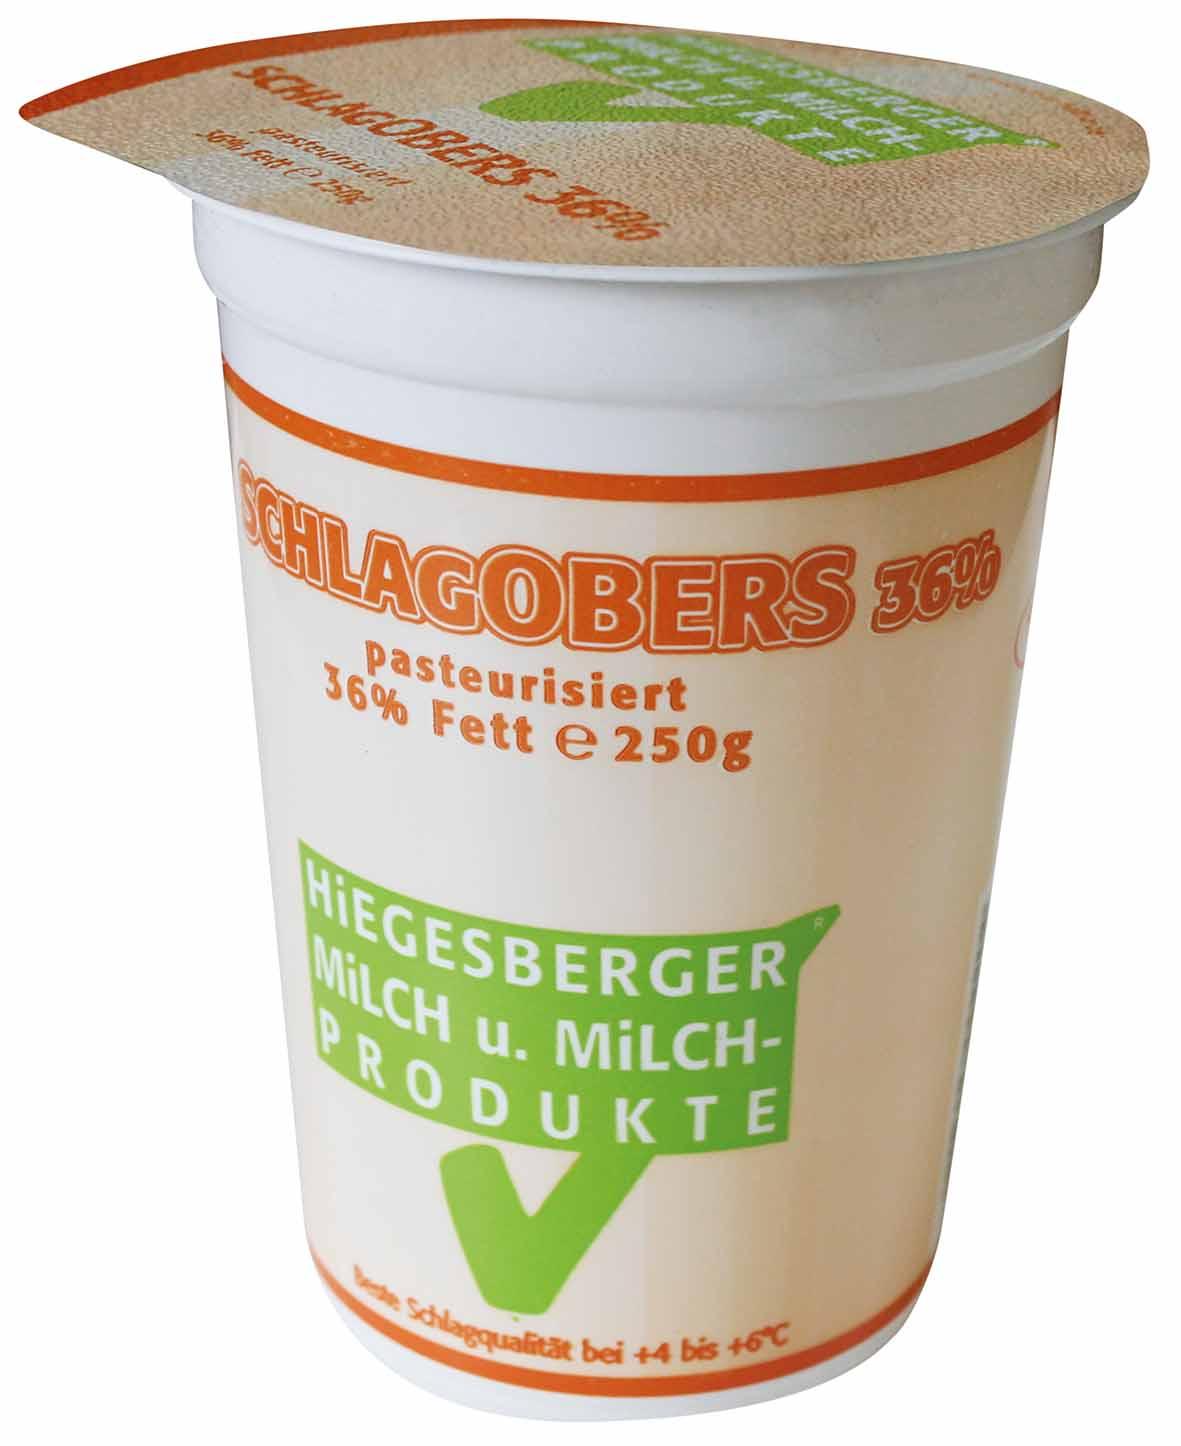 Hiegesberger_Schlagobers_36%_Fett_250g